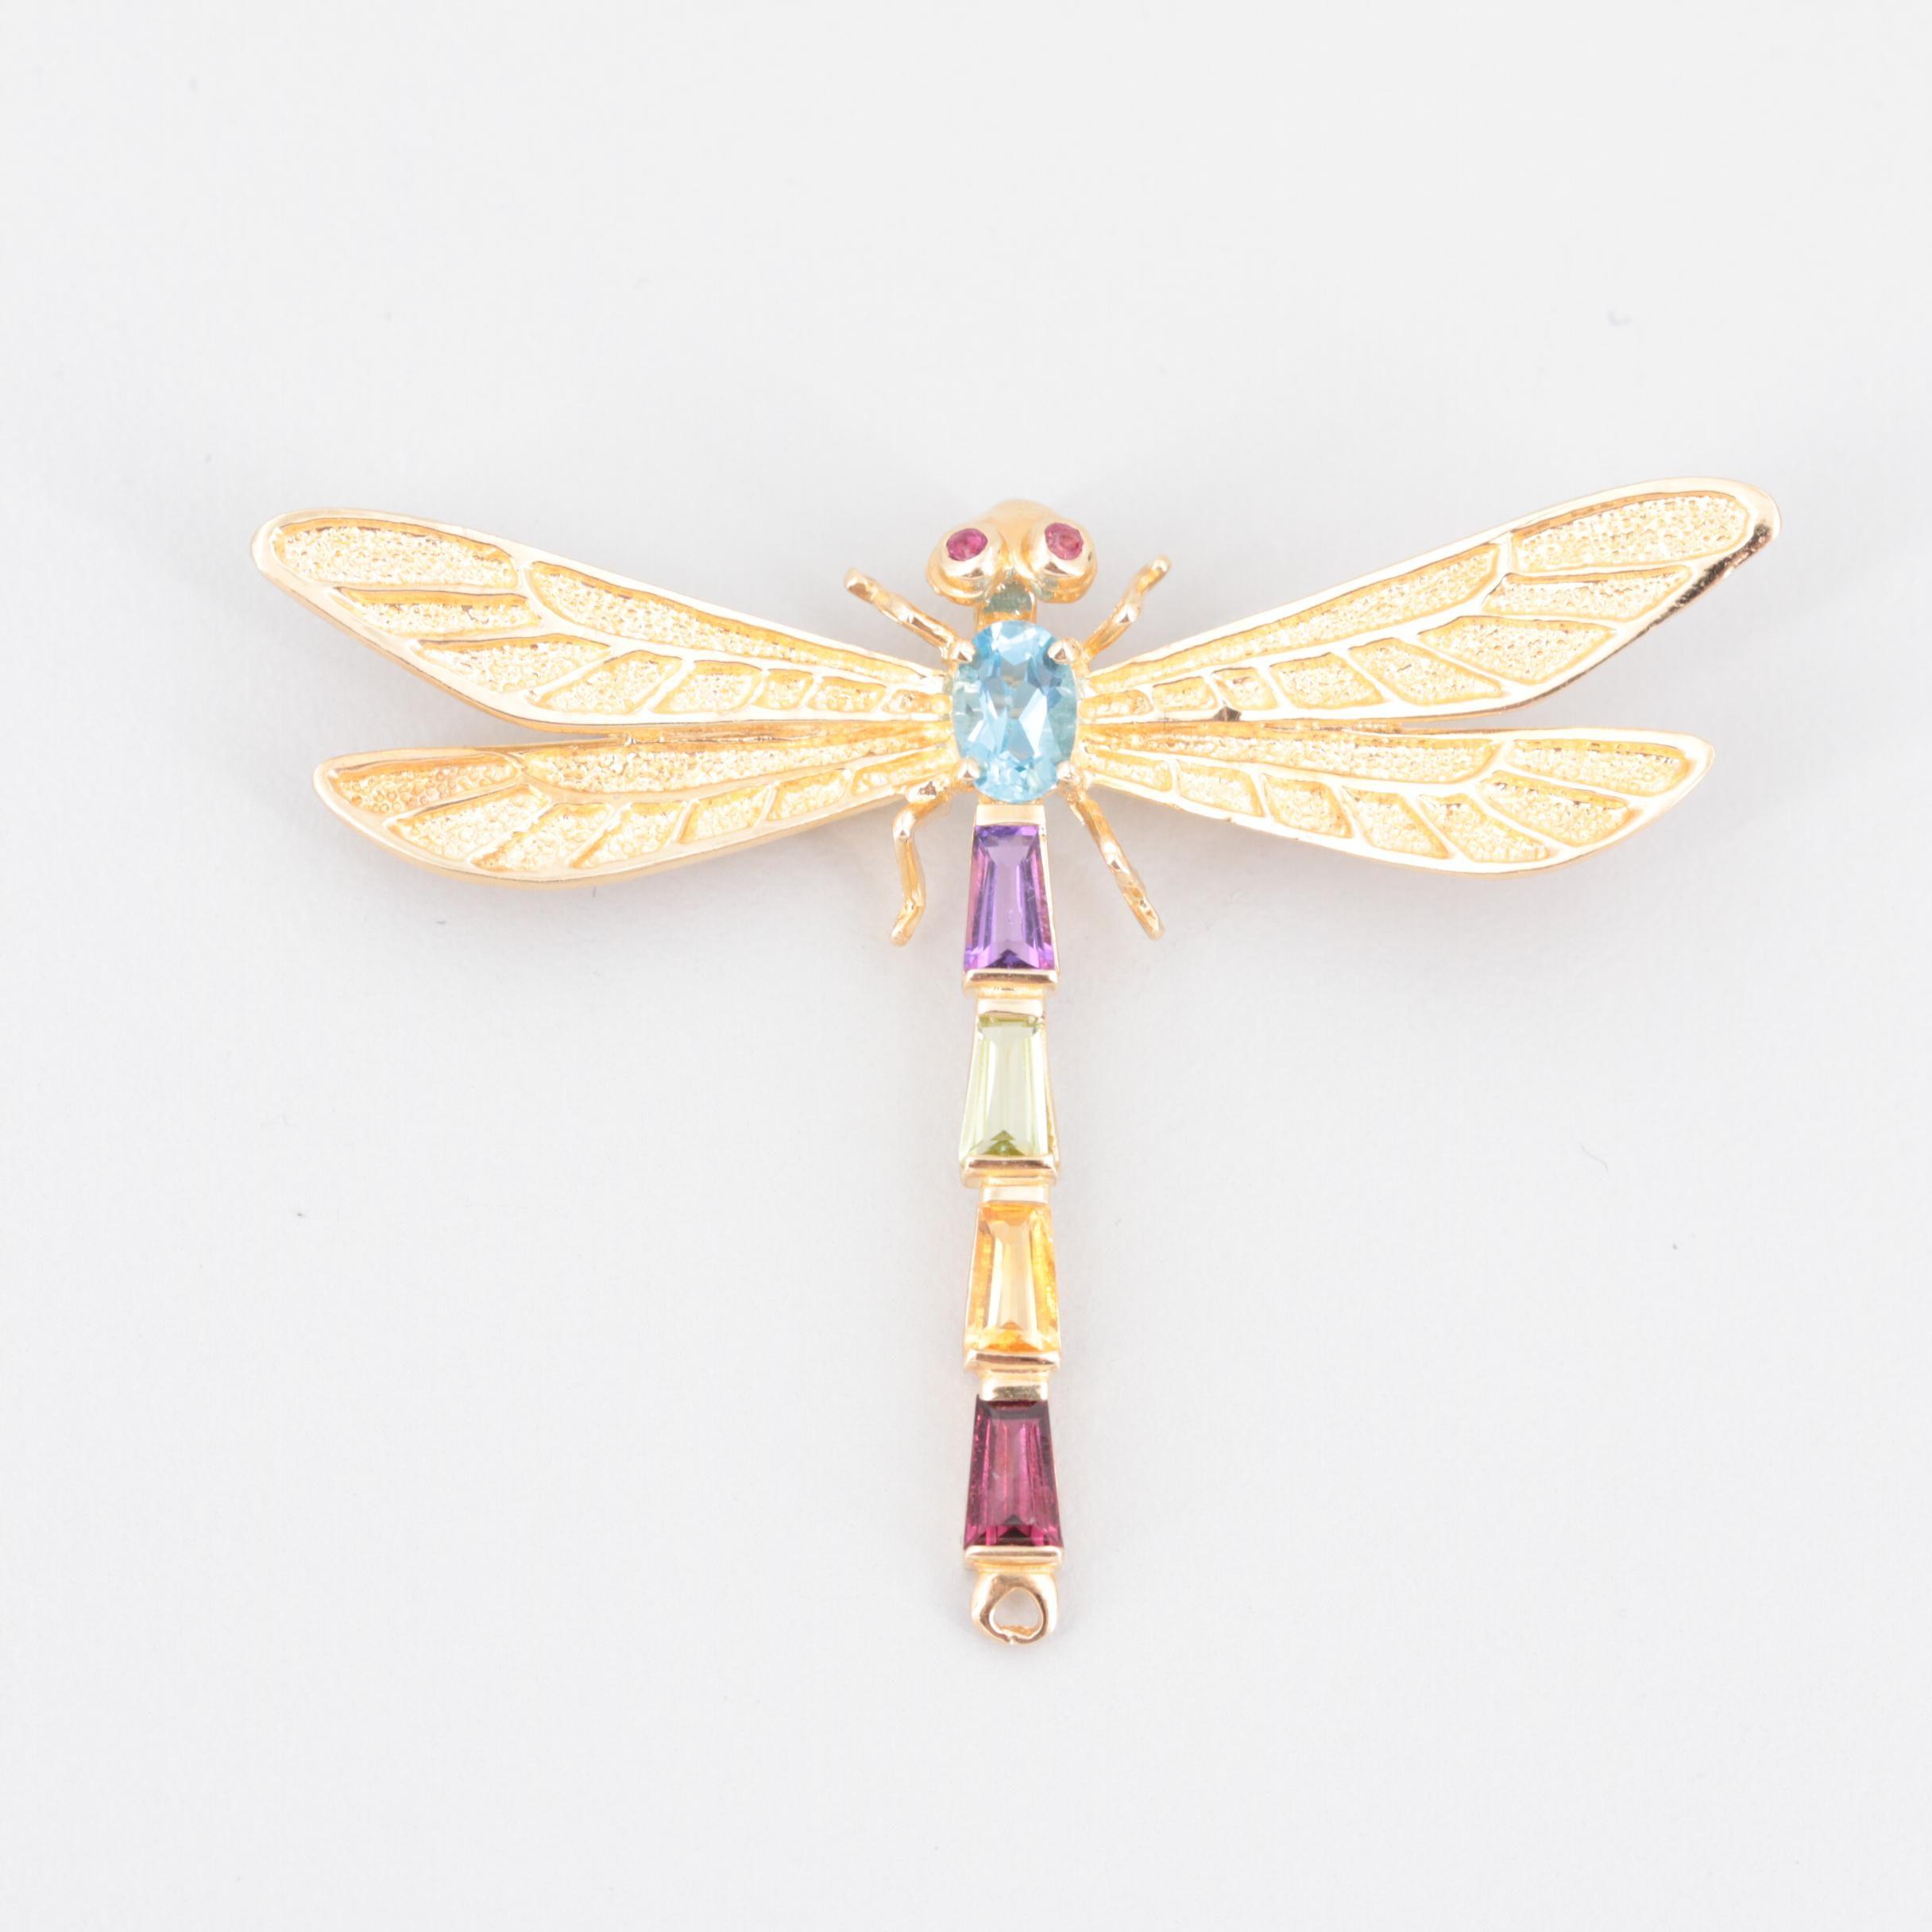 14K Yellow Gold Ruby, Topaz, Amethyst and Garnet Dragonfly Motif Brooch